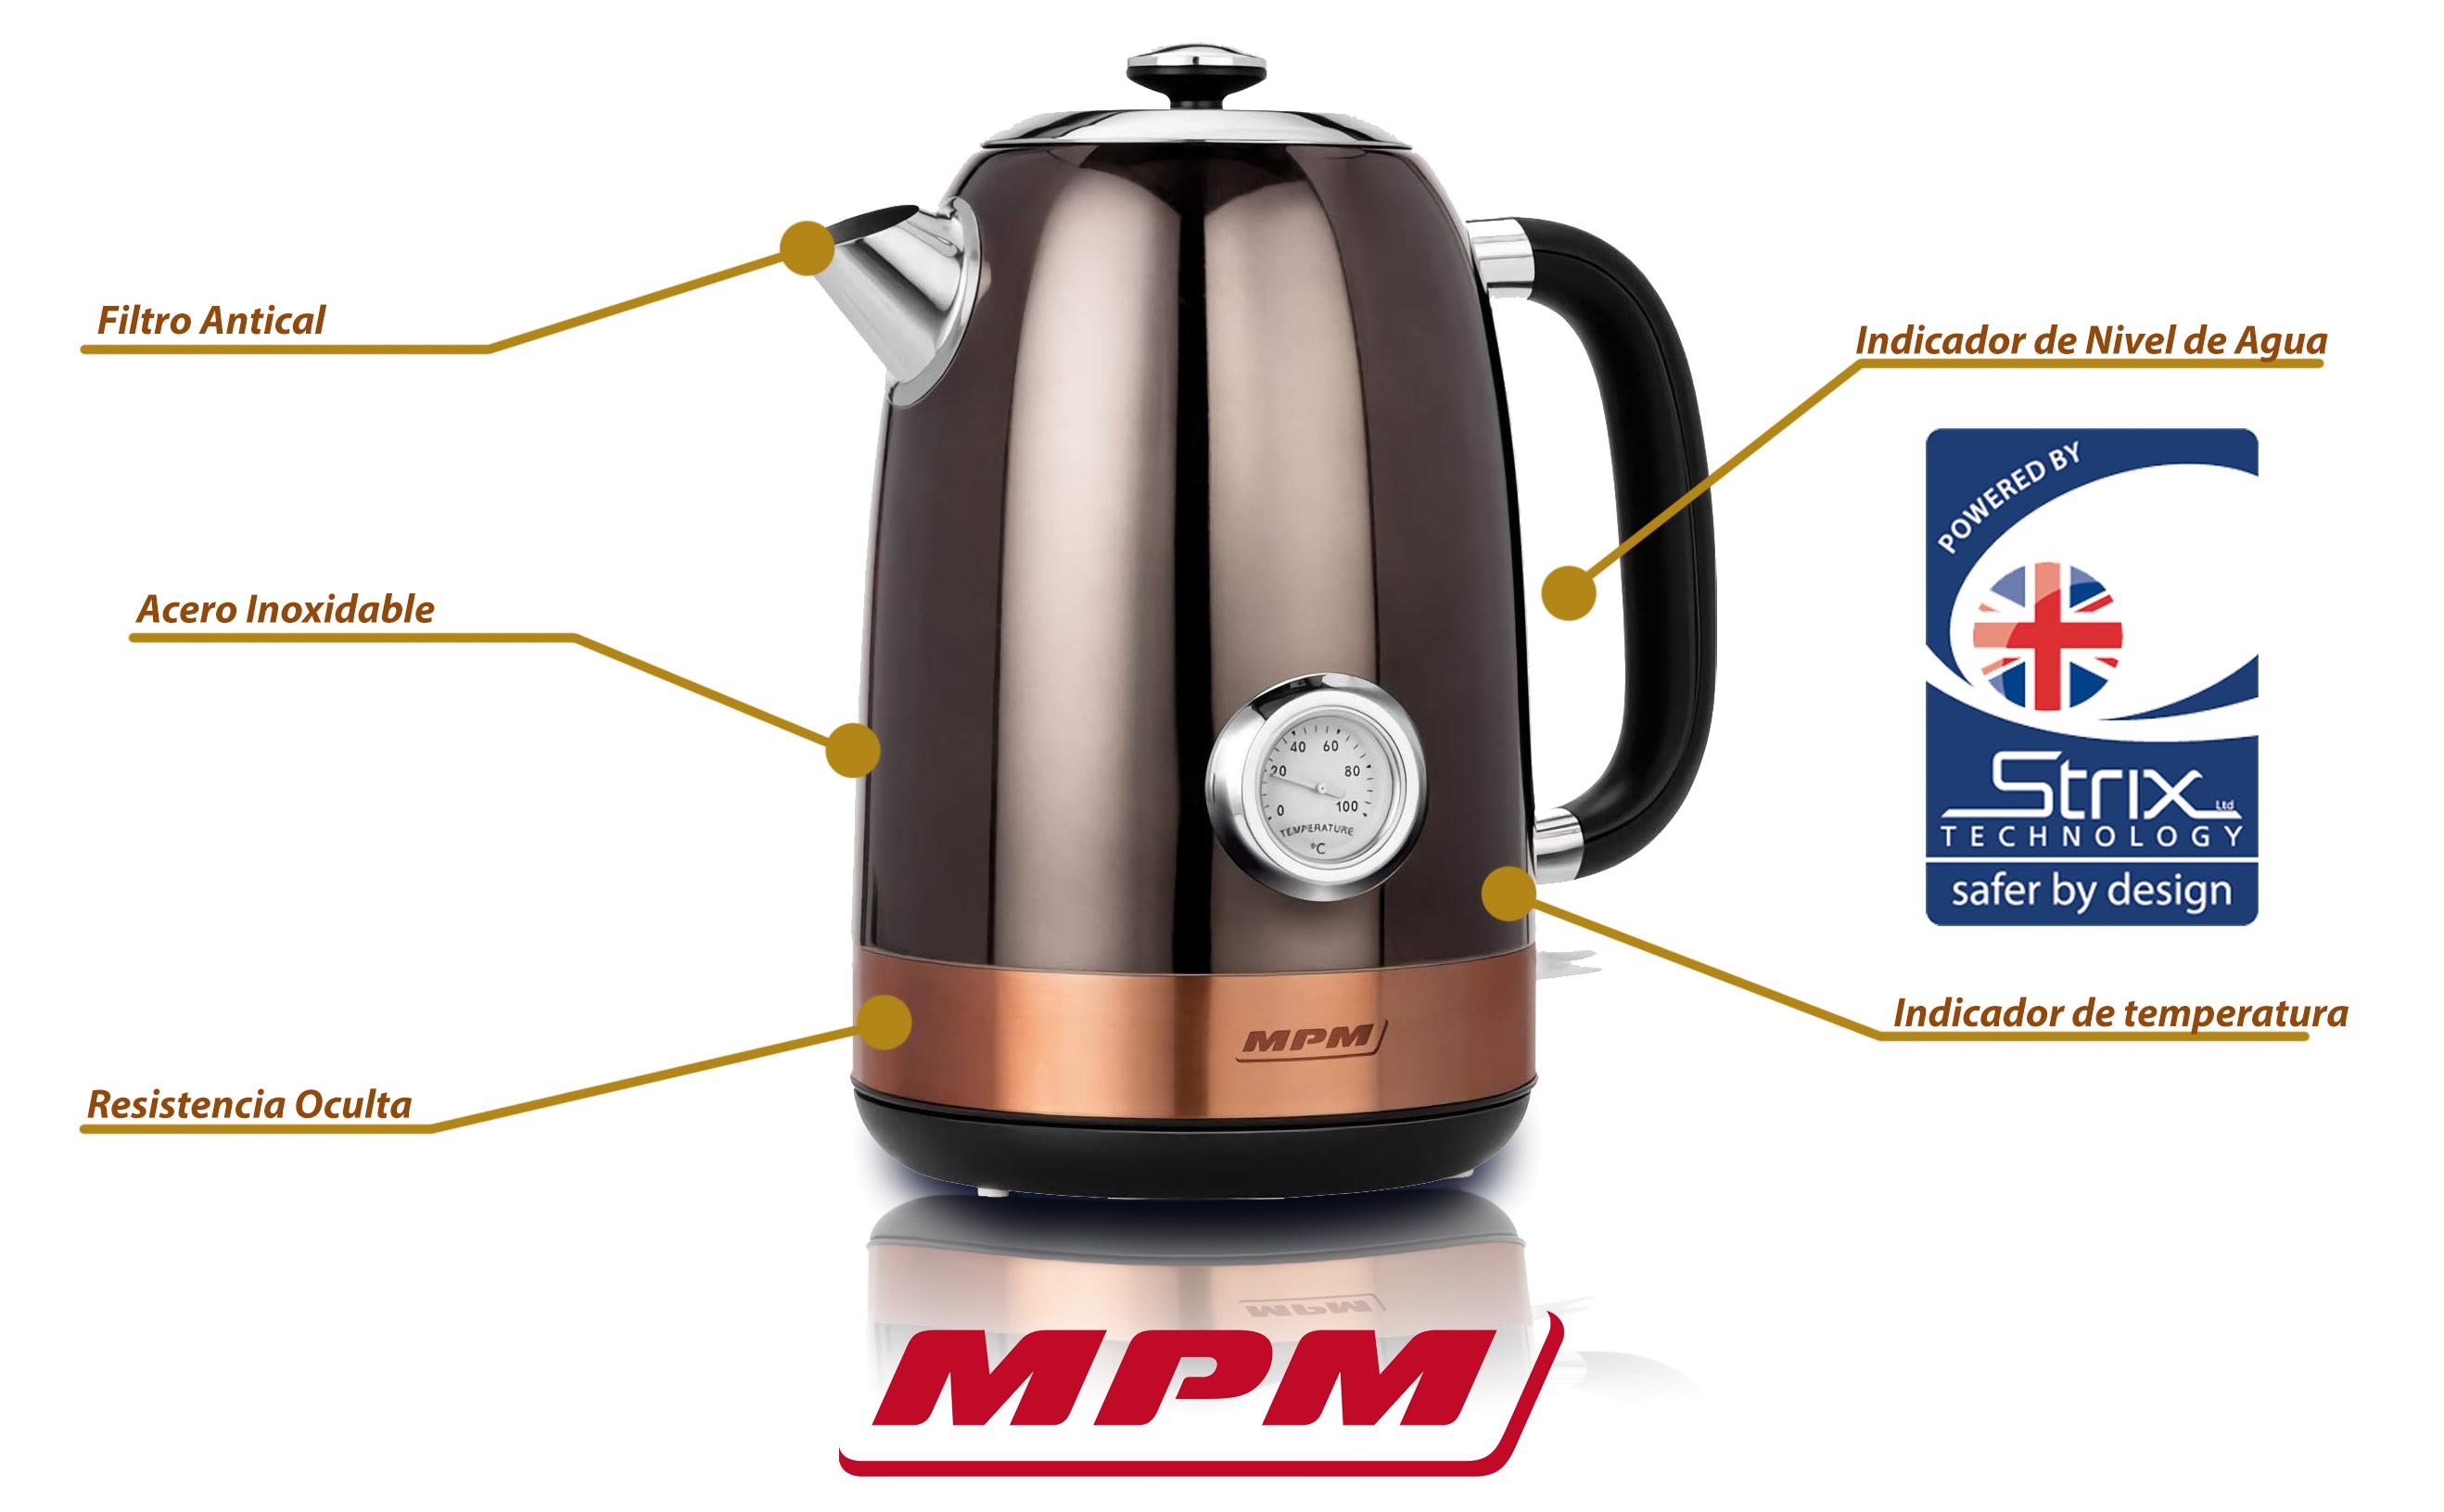 MPM MCZ-87 Hervidor de agua eléctrico retro con indicador temperatura 1,7 litros, acero inoxidable, resistencia oculta, 2150 W con apagado automático al alcanzar la ebullición, inalámbrico 360º sin cable, filtro de cal